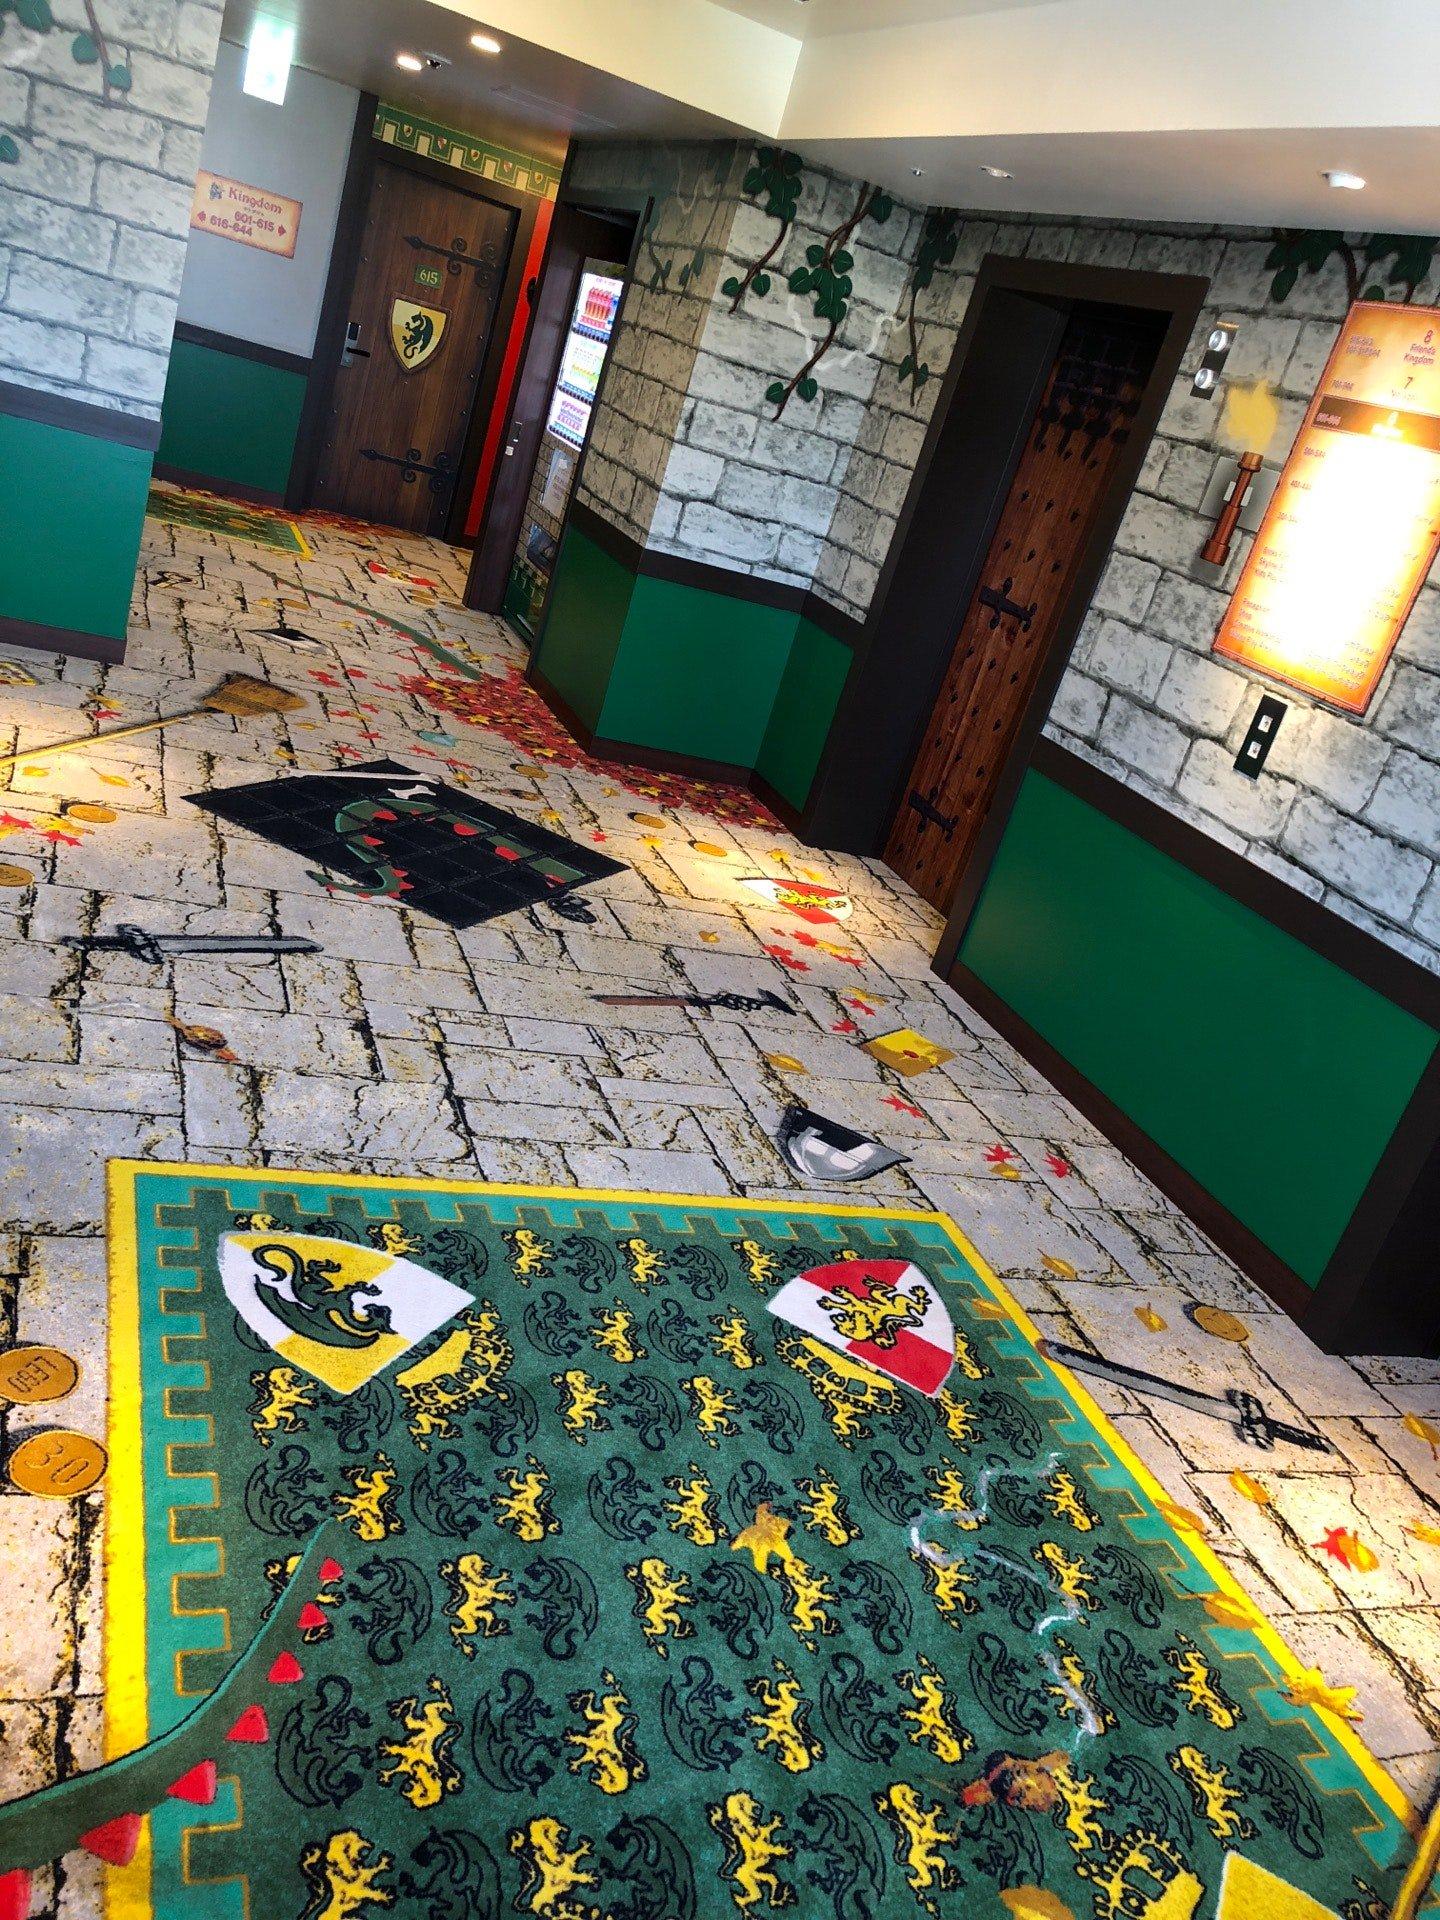 キングダムのフロア (@ レゴランド・ジャパン・ホテル in 名古屋市港区, 愛知県) https://t.co/CyZmSY1dU7 https://t.co/PKEL1oWd17